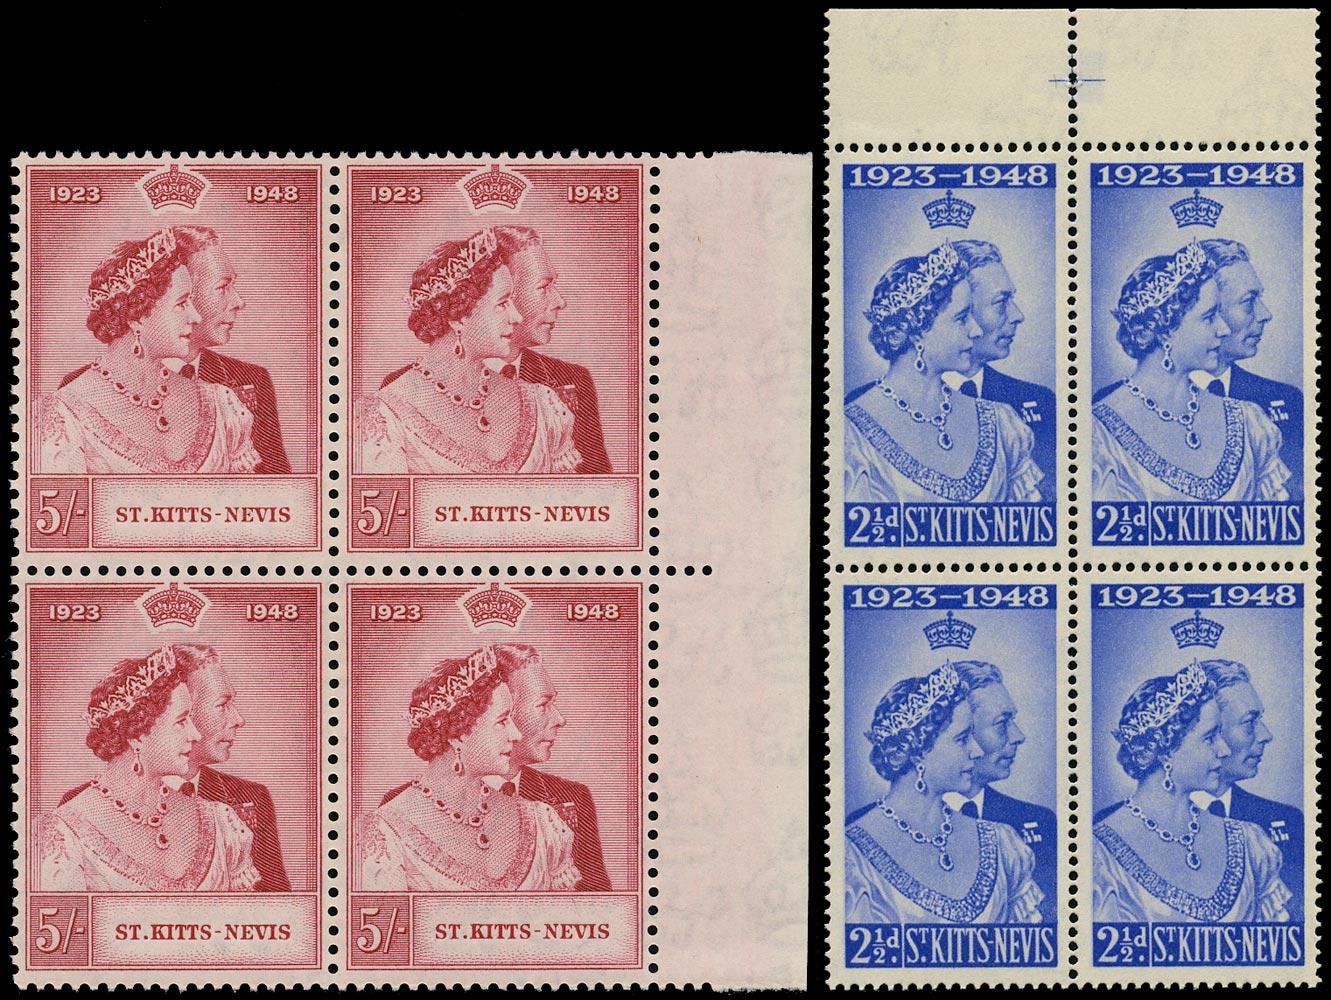 ST KITTS NEVIS 1948  SG80/1 Mint